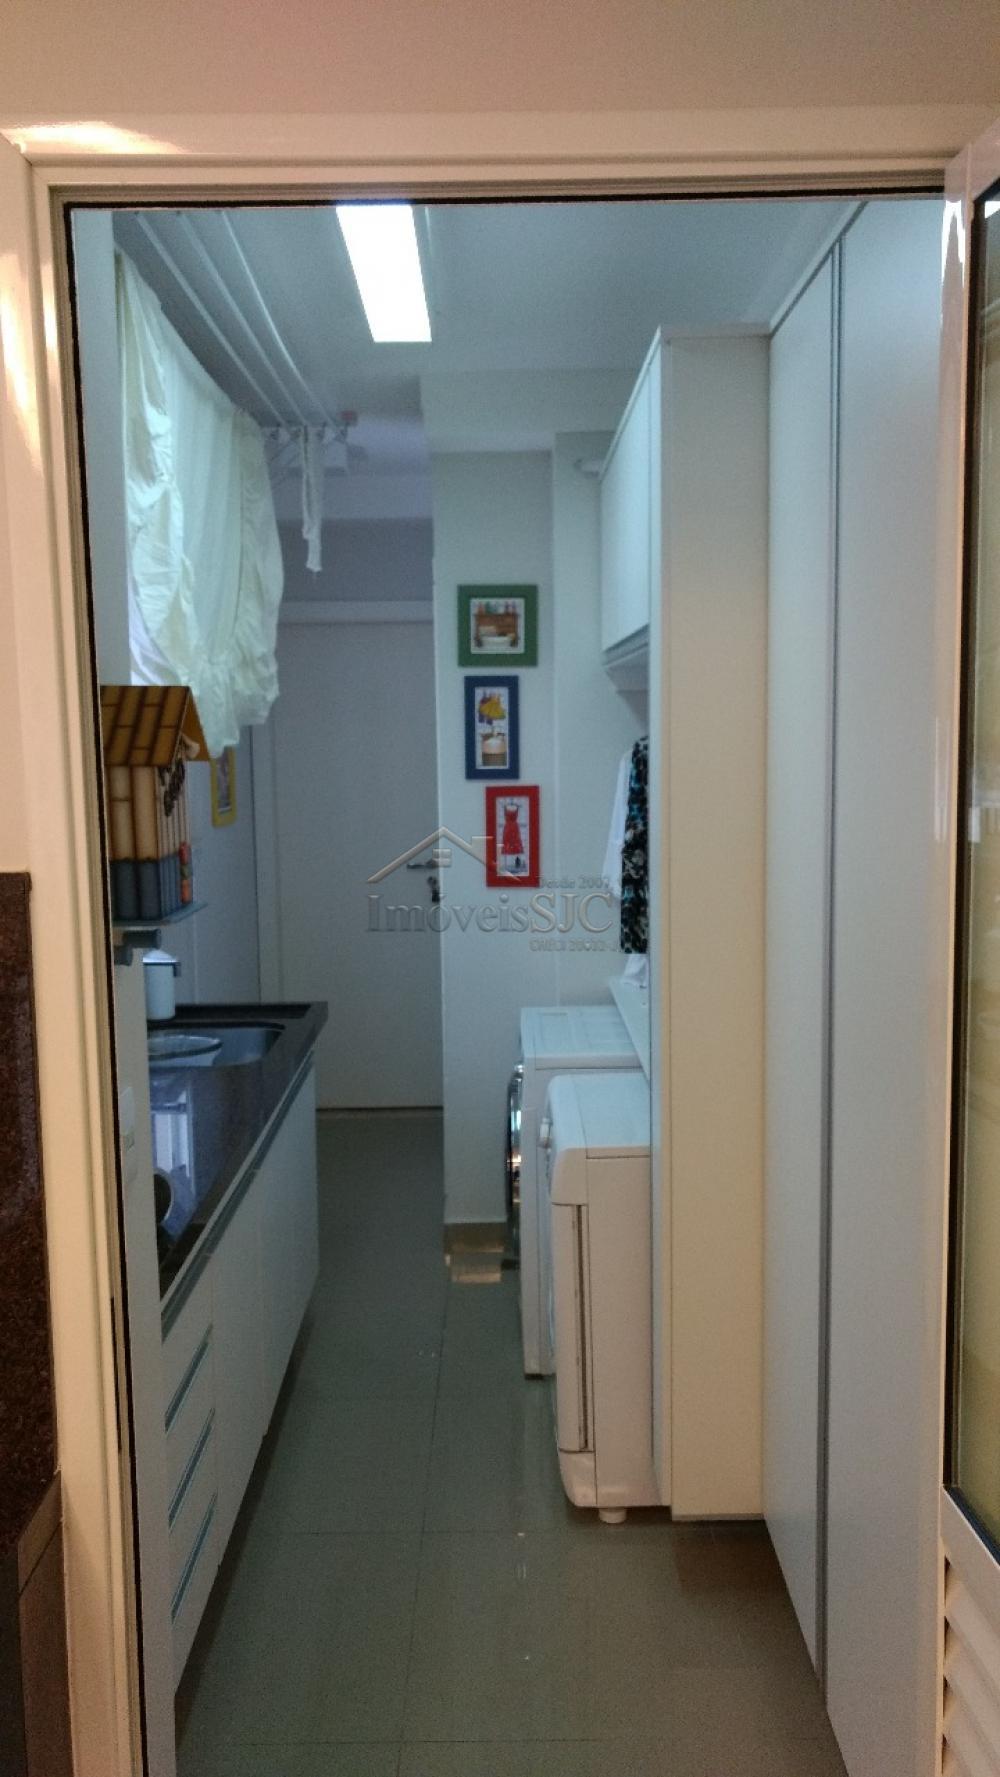 Comprar Apartamentos / Padrão em São José dos Campos apenas R$ 1.500.000,00 - Foto 14